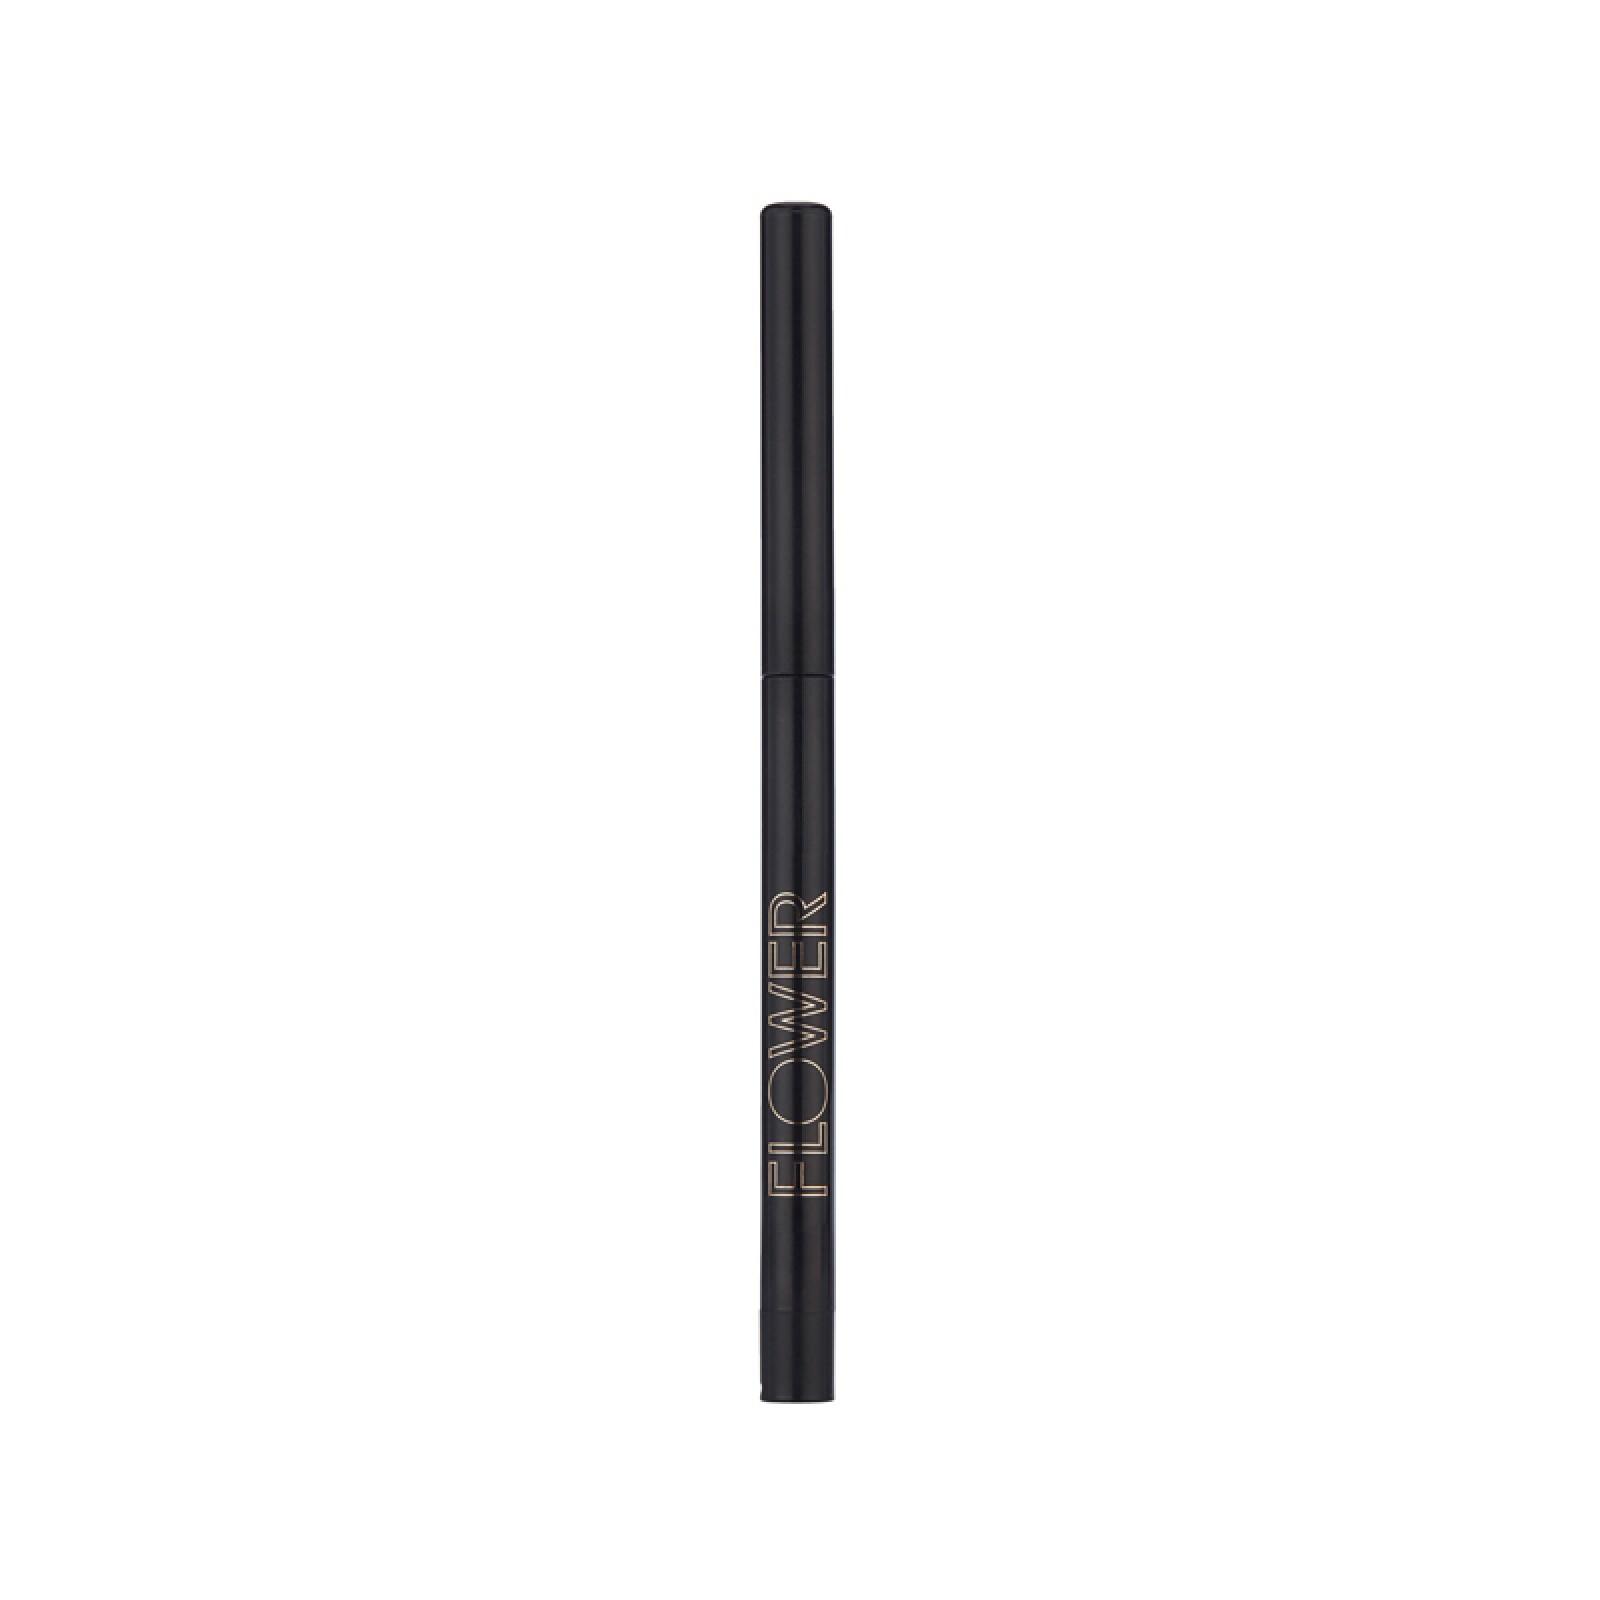 delineadores-delineado-eyeliner-maquillaje-makeup-accesible-barato-flower